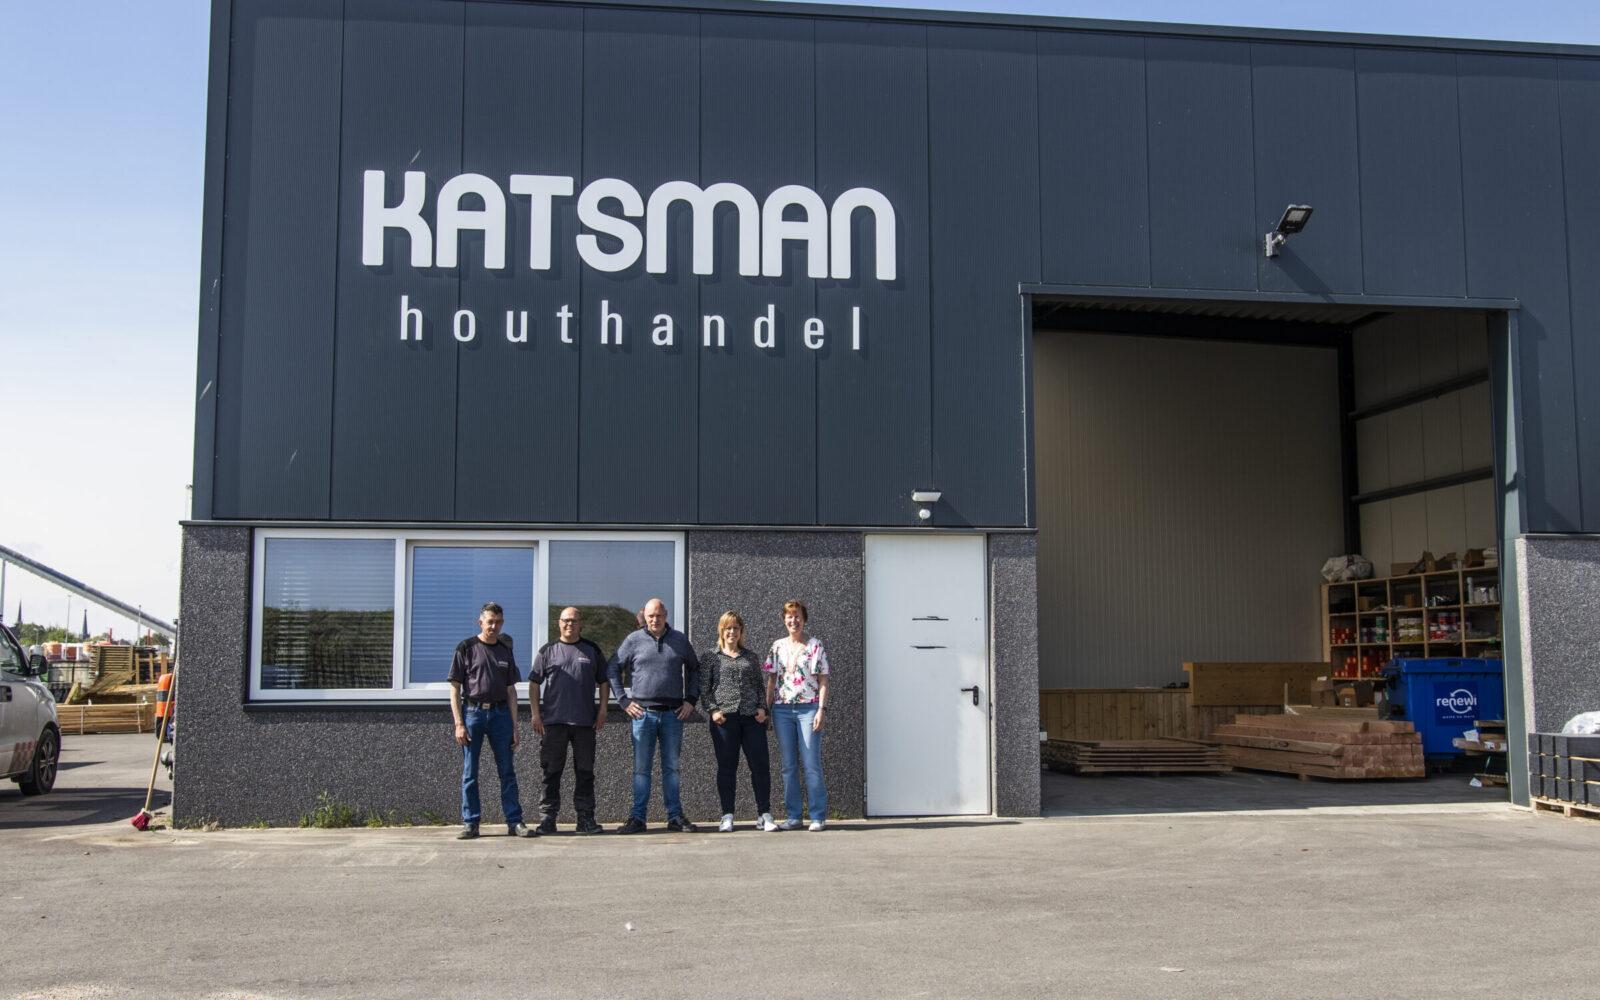 Houthandel Katsman met alle werknemers